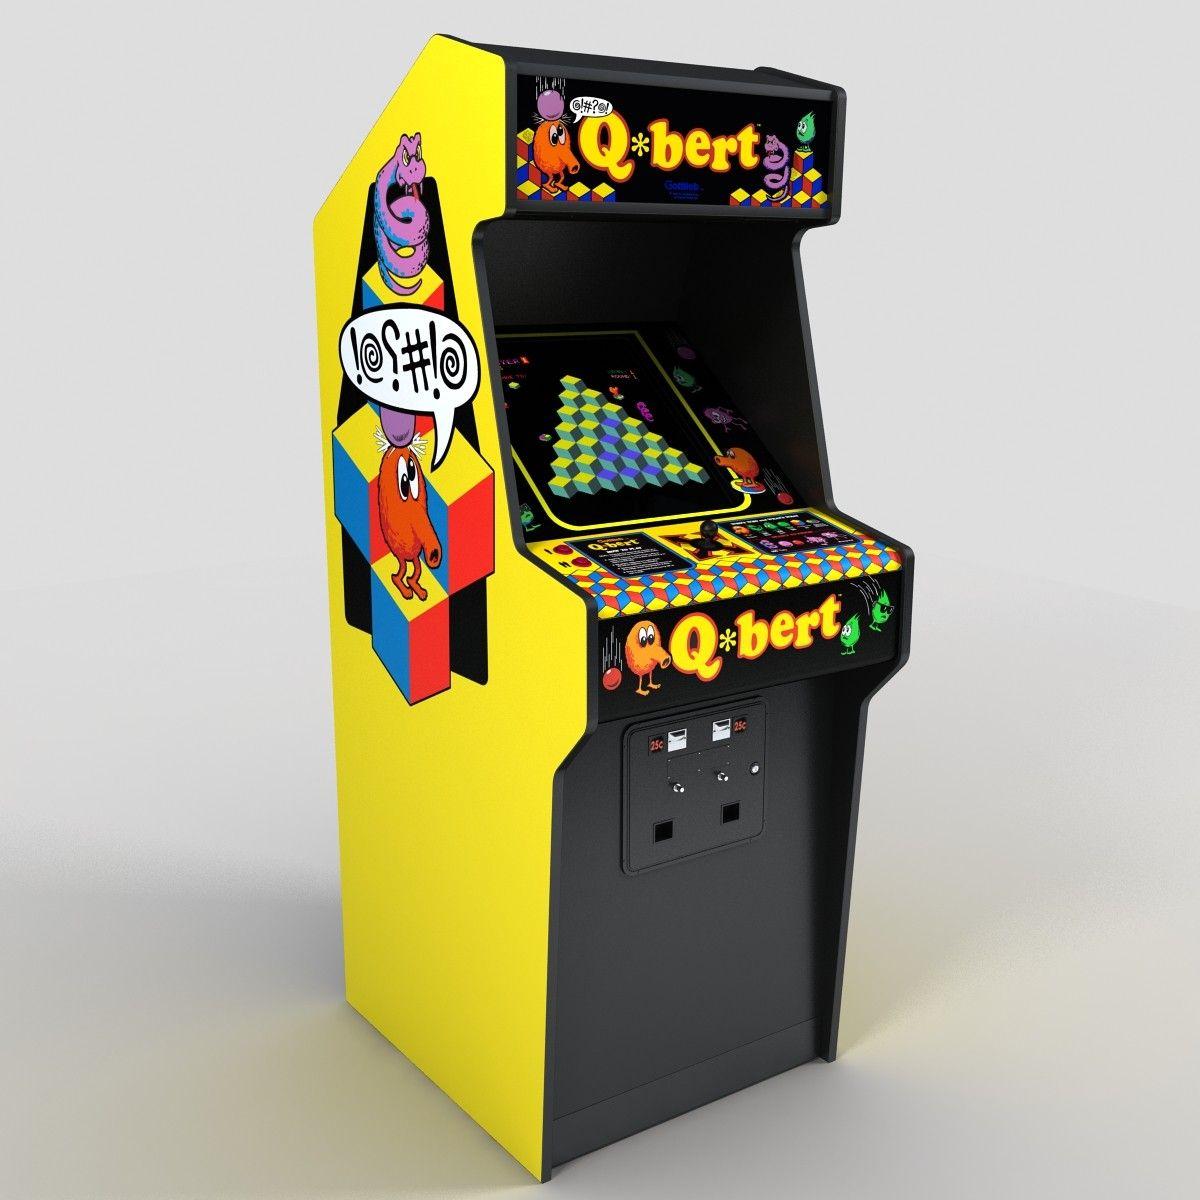 qbert arcade 3d model | trabj | Pinterest | 3d and Models